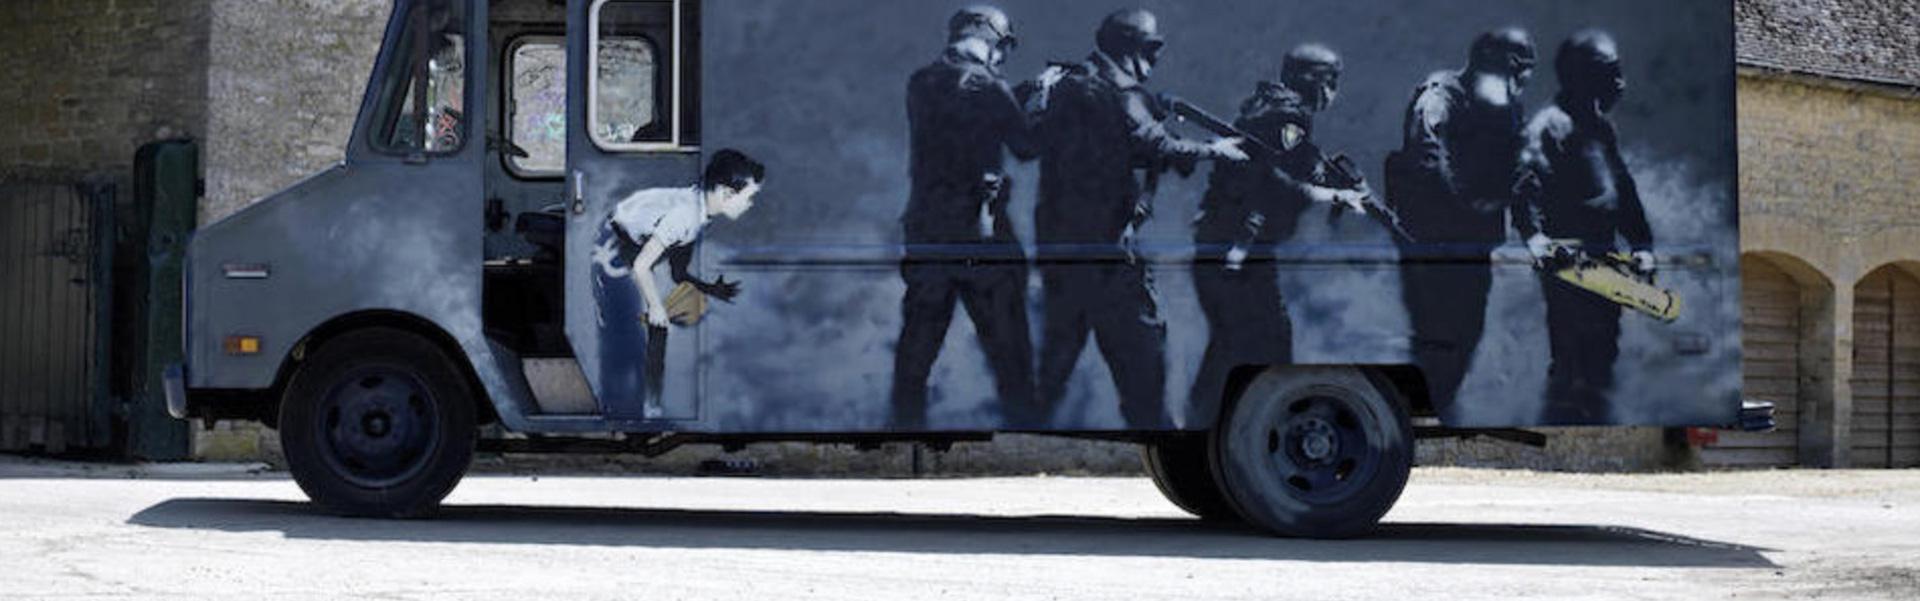 Banksy Swat Van | Art-Pie